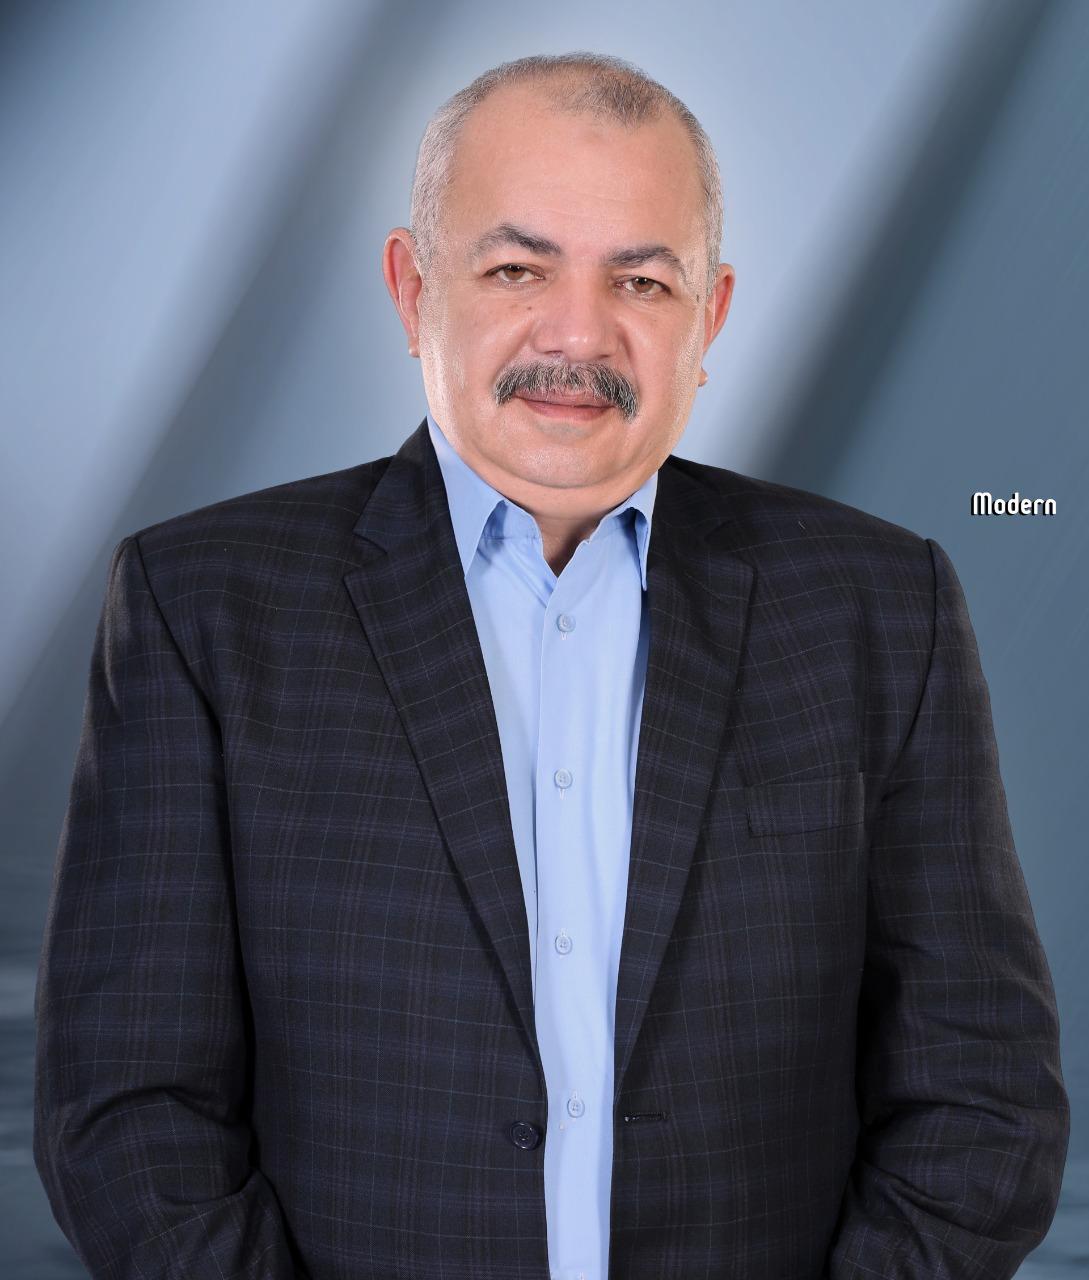 النائب عمرو ابو السعود : زيادة الاحتياطي الأجنبي دليل قاطع على نجاح سياسات الإصلاح الاقتصادي في عهد السيسي